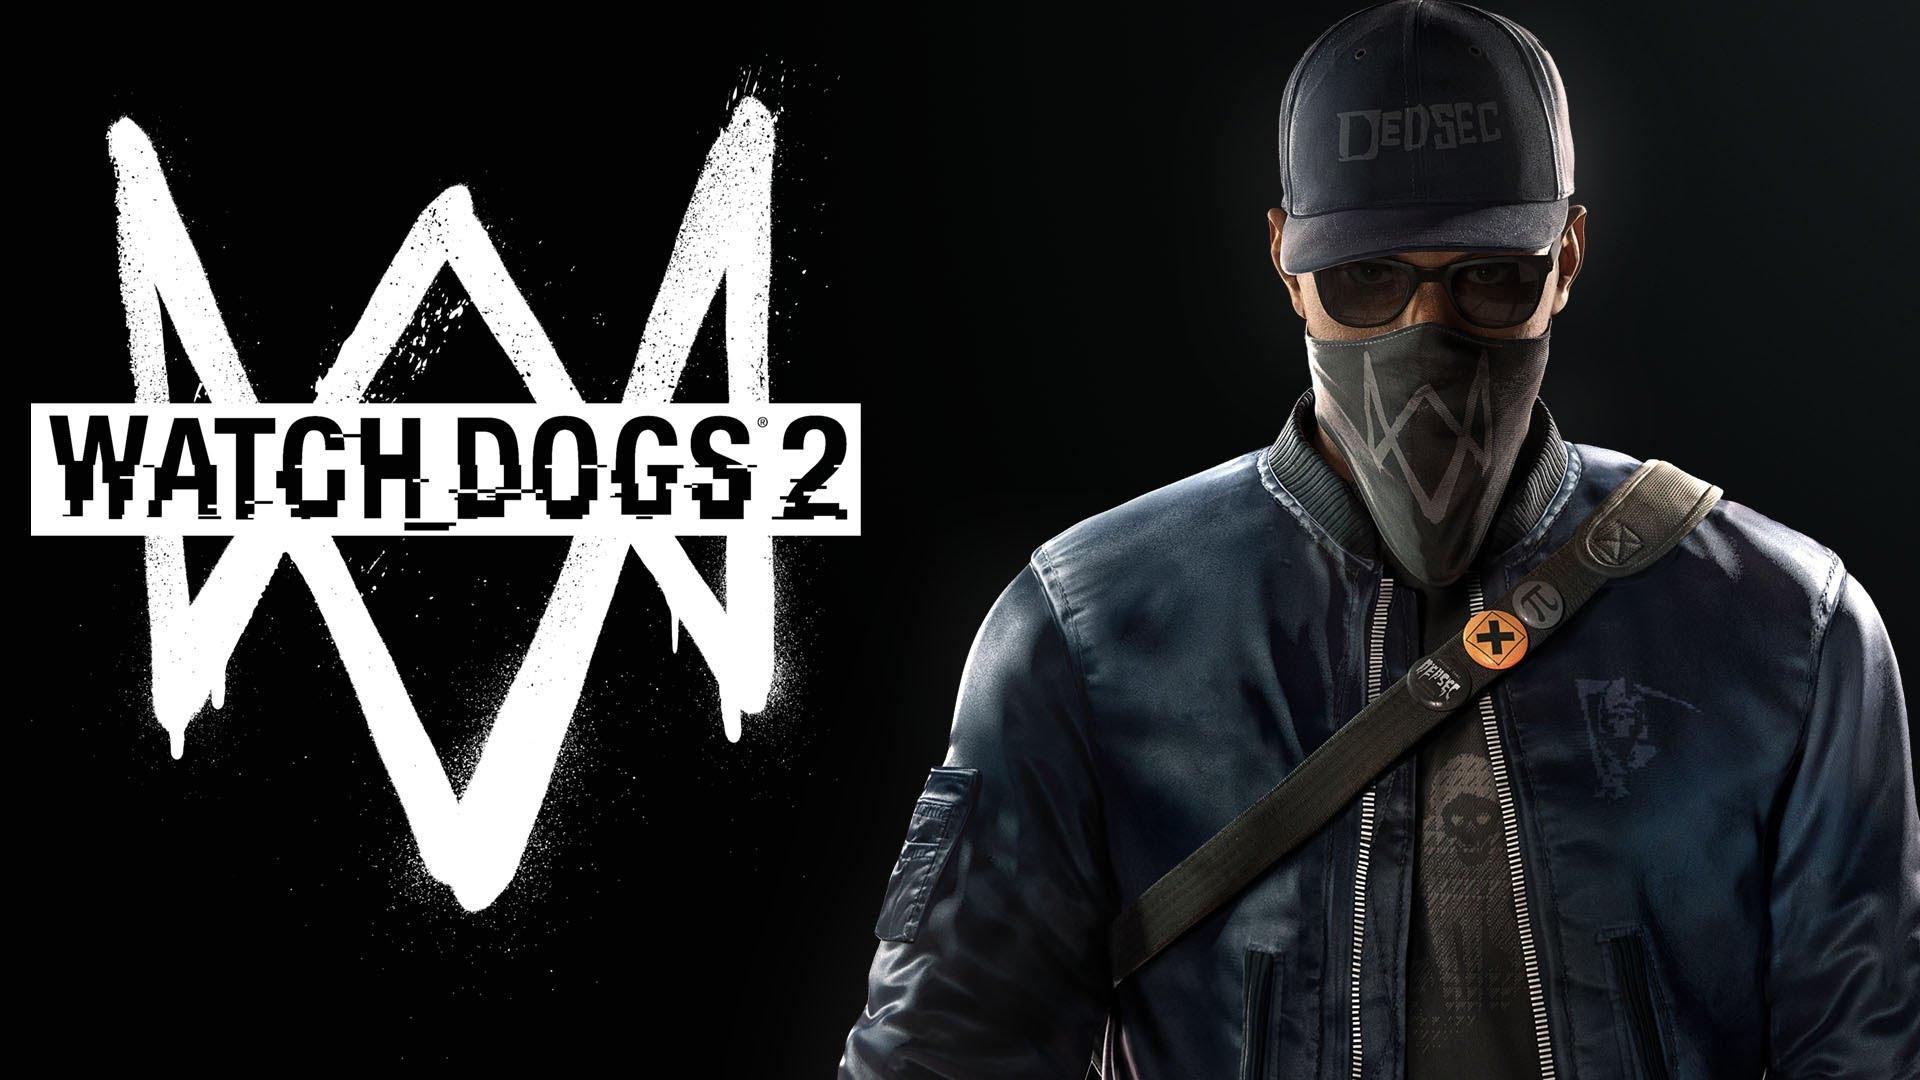 Watch Dogs 2 - Ein neues Video mit Tipps zur Beschaffung von Waffen und Geld!